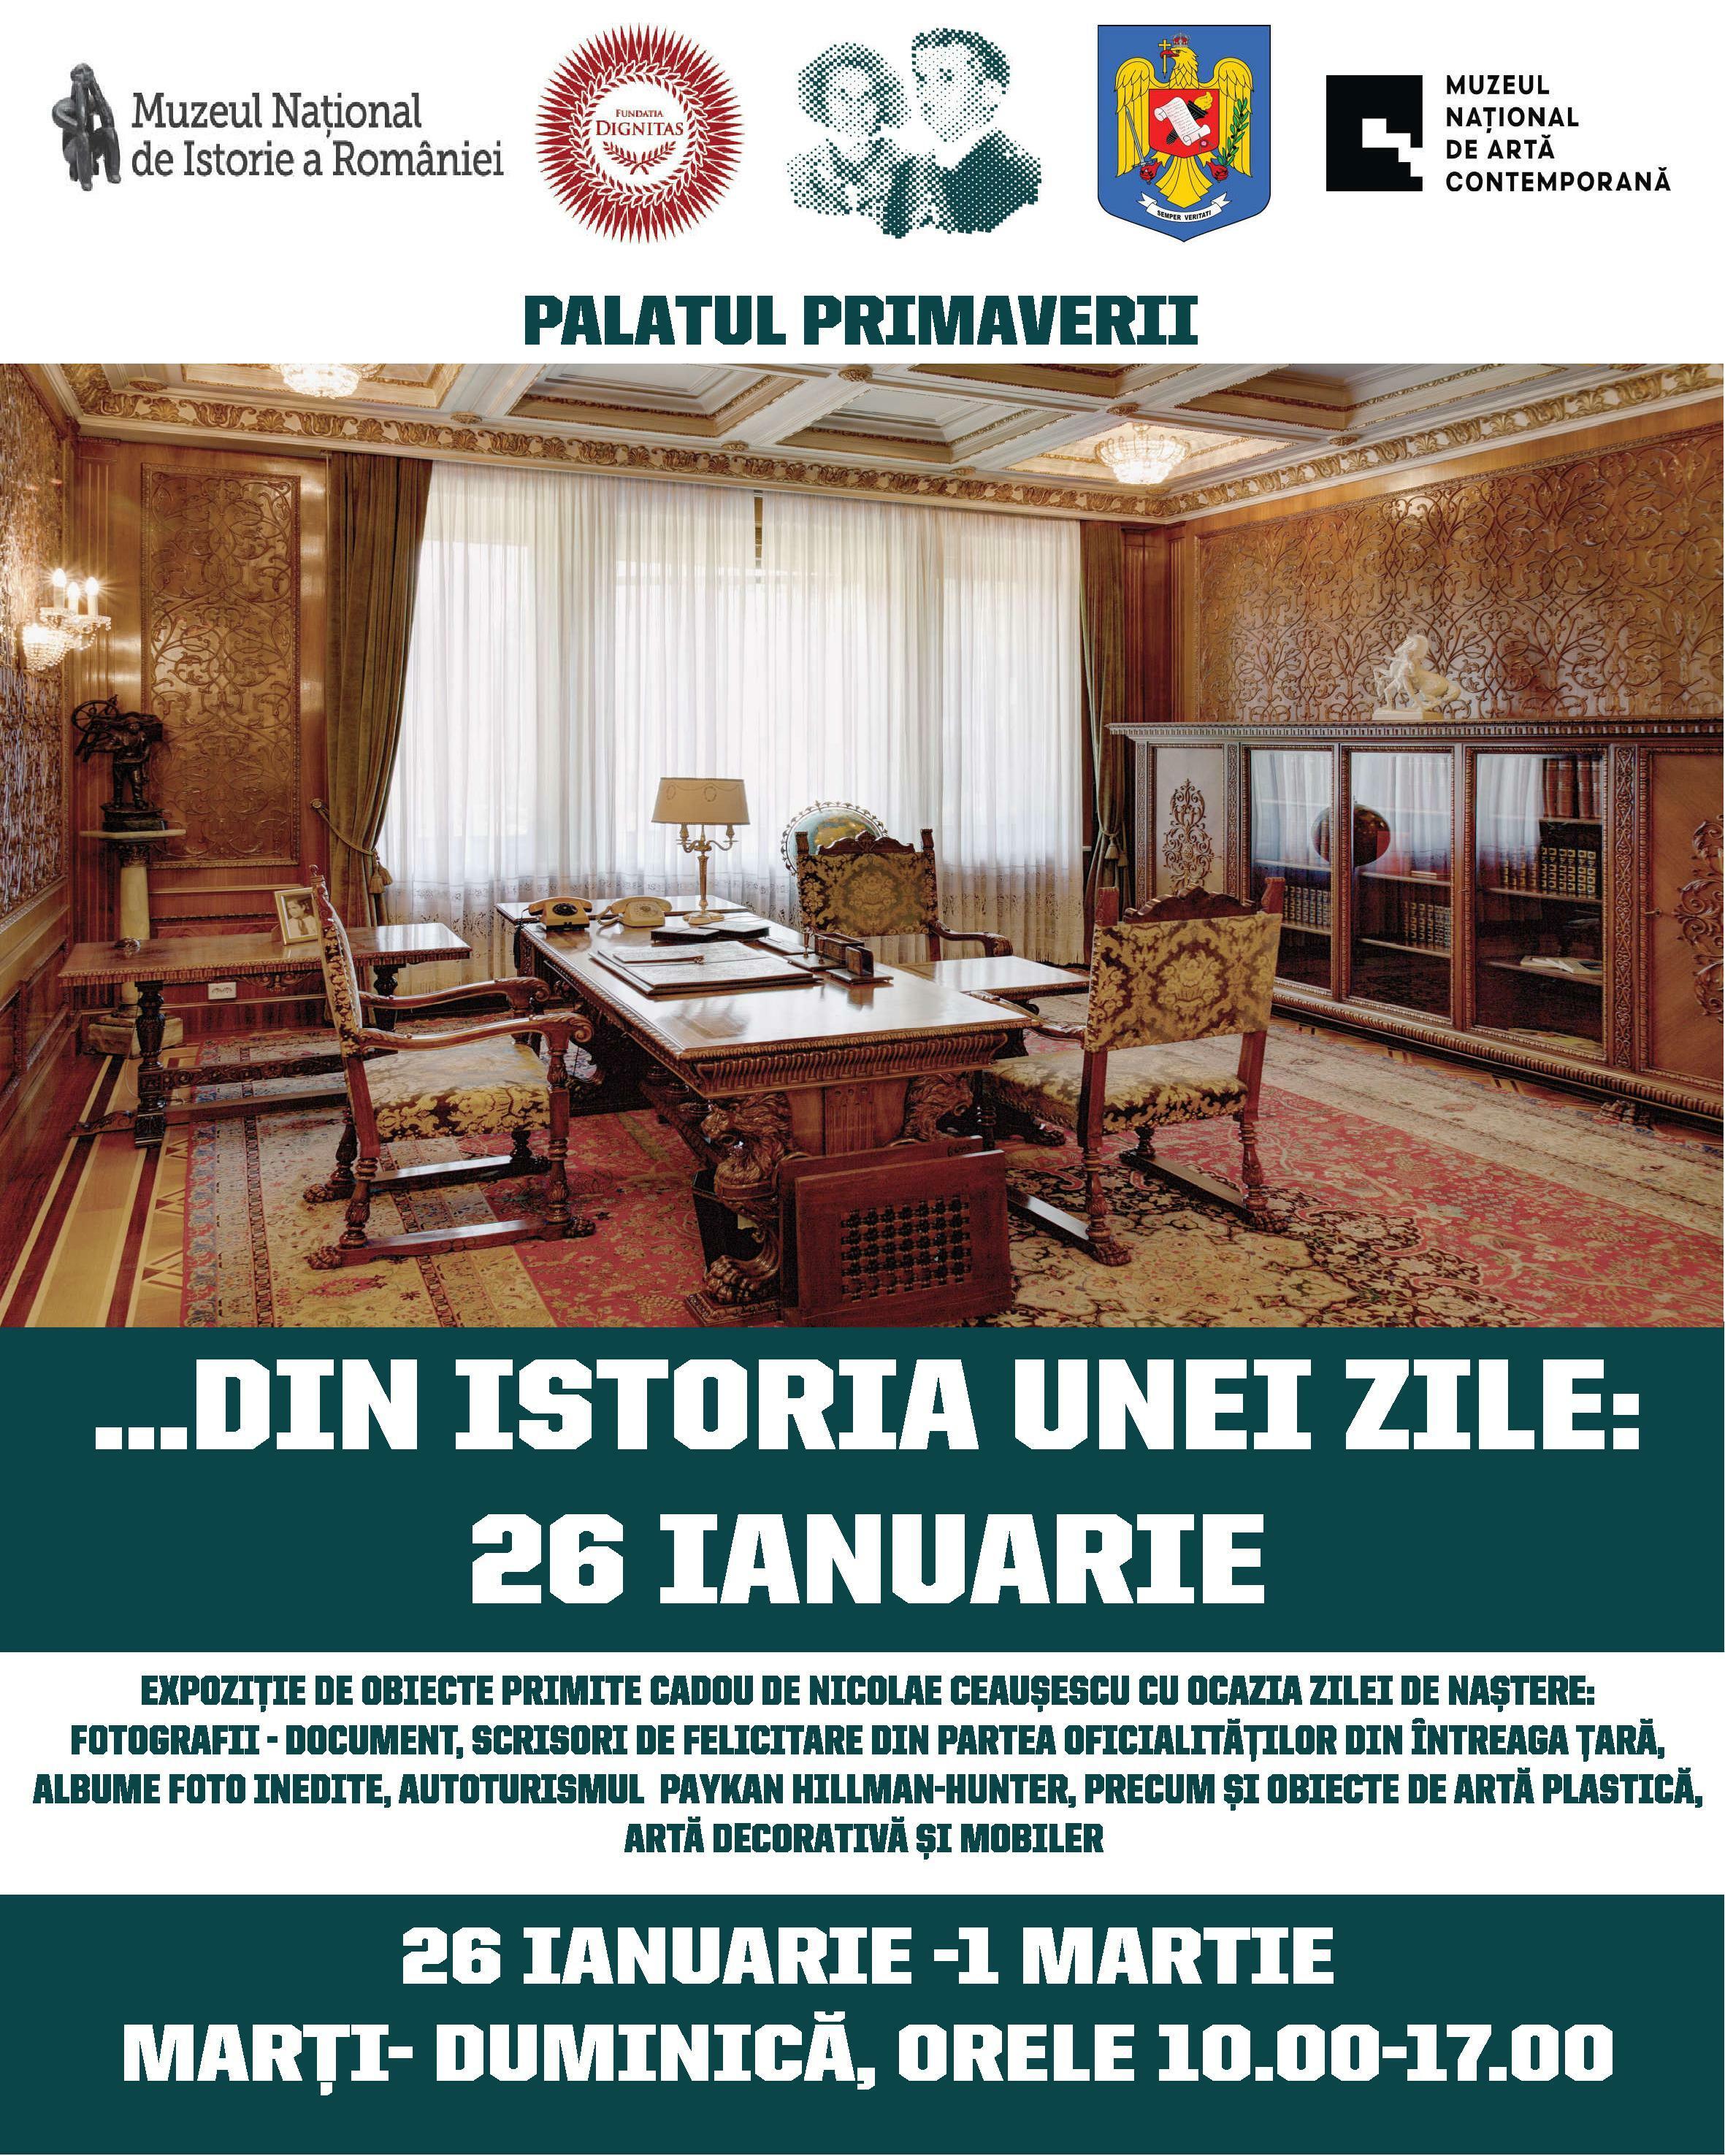 """Expoziția """"…Din istoria unei zile: 26 ianuarie"""", la Palatul Primăverii"""